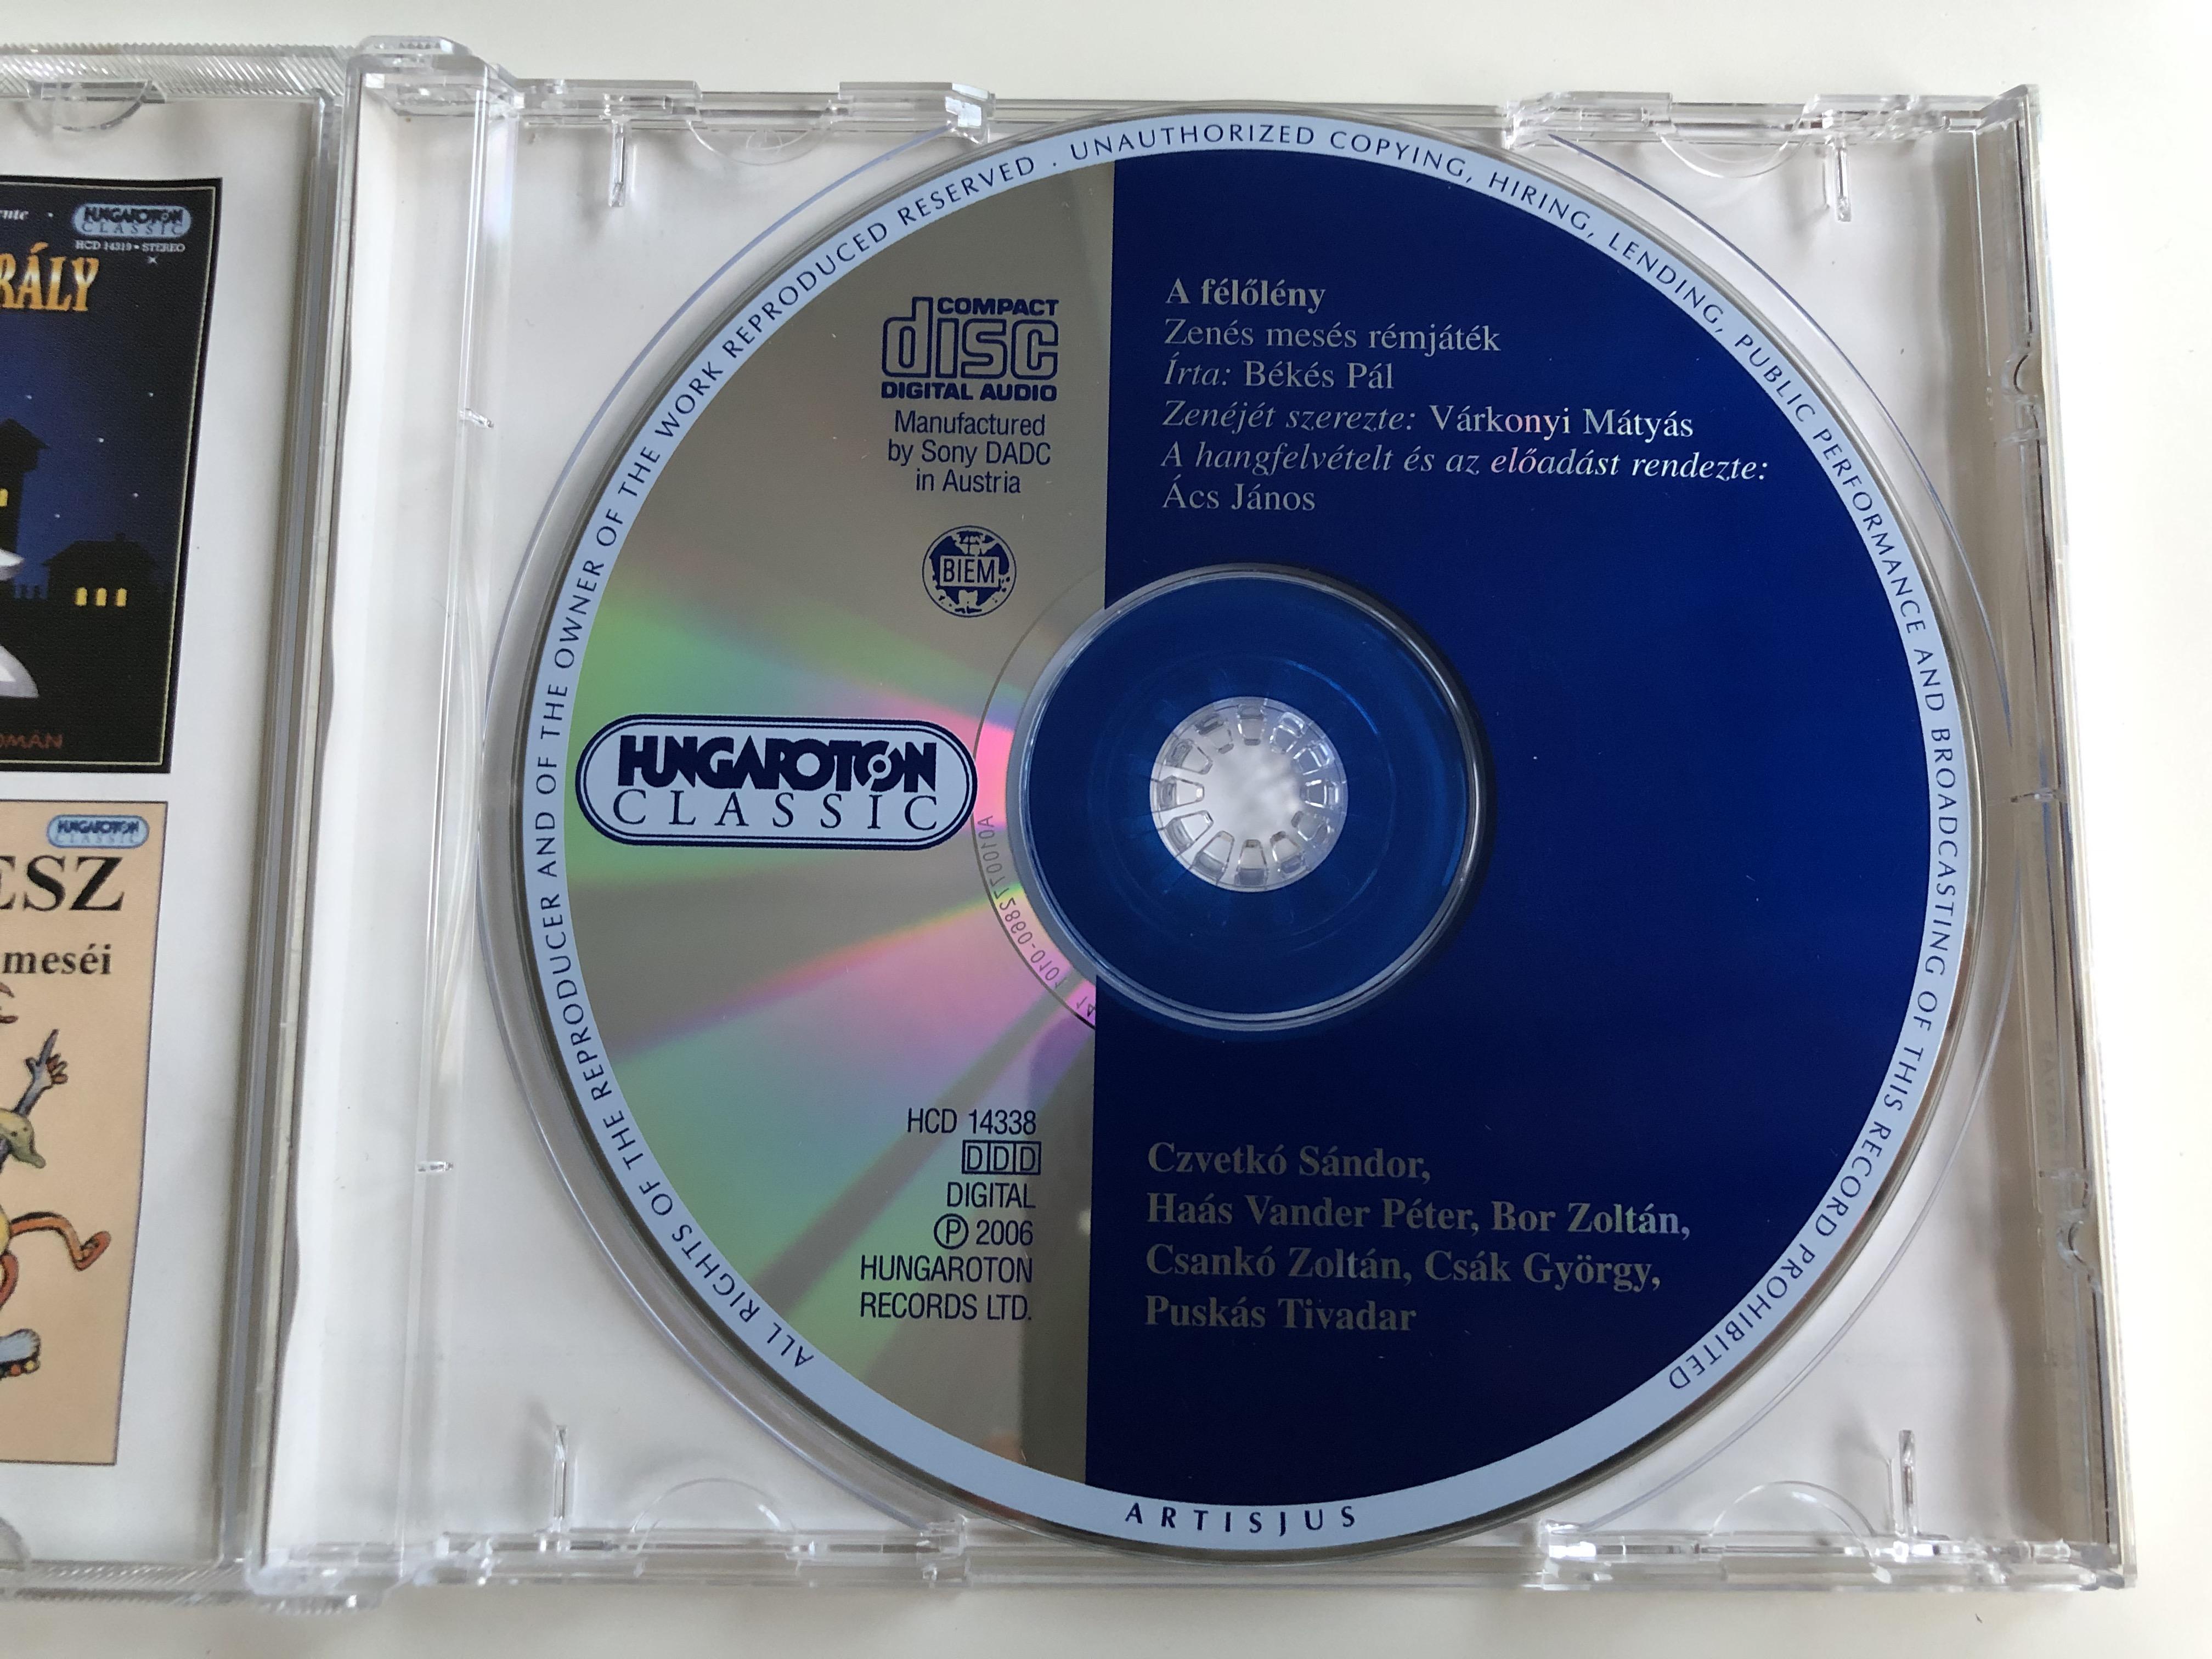 b-k-s-p-l-v-rkonyi-m-ty-s-a-f-l-l-ny-zenes-meses-remjetek-hungaroton-classic-audio-cd-2006-stereo-hcd-14338-4-.jpg